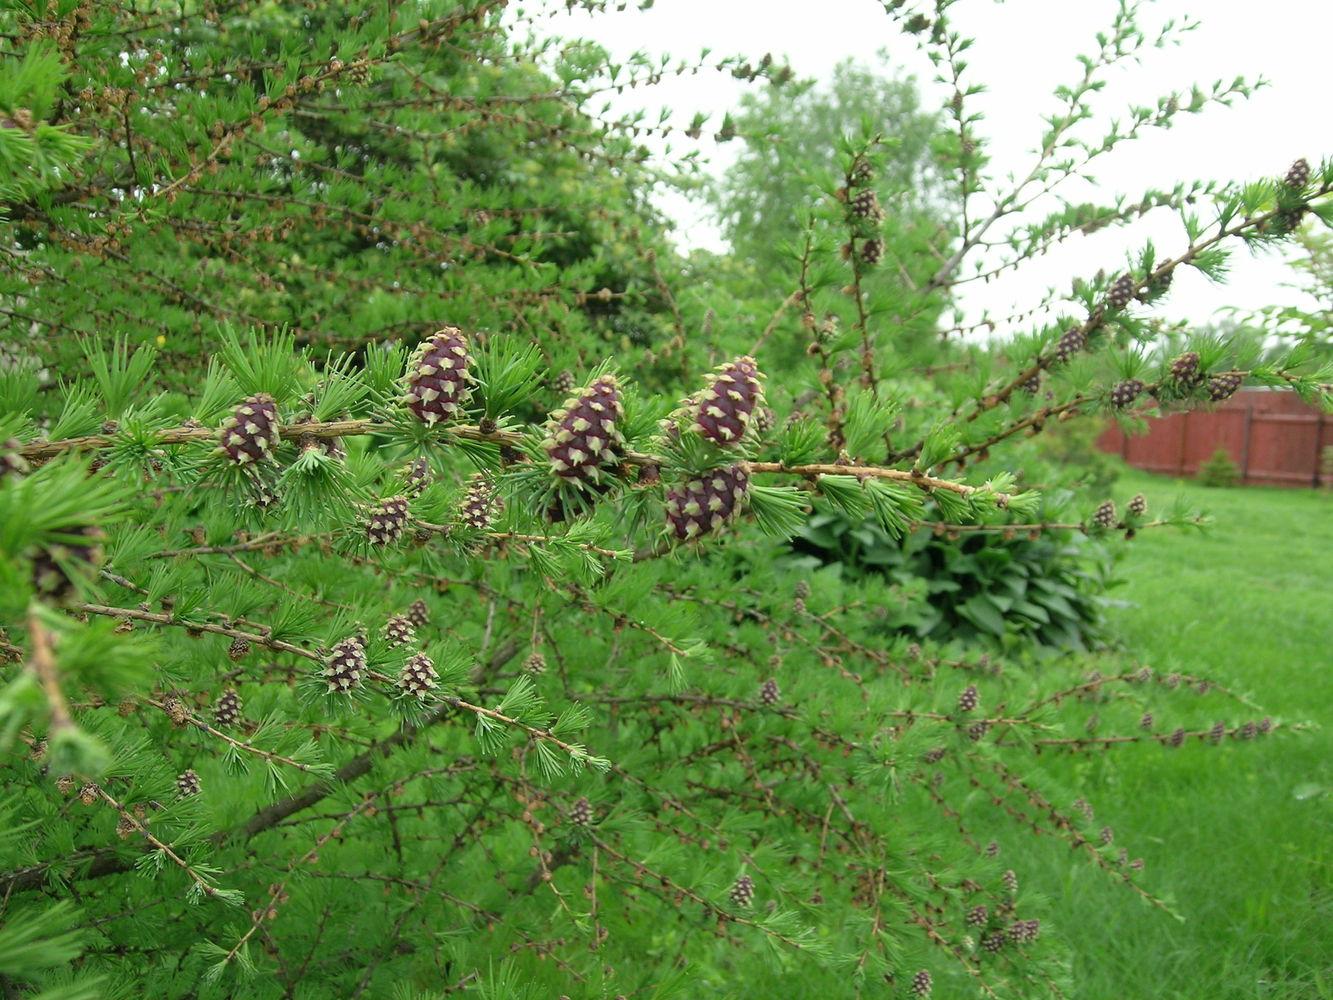 Сибирская лиственница: характеристики и применение древесины